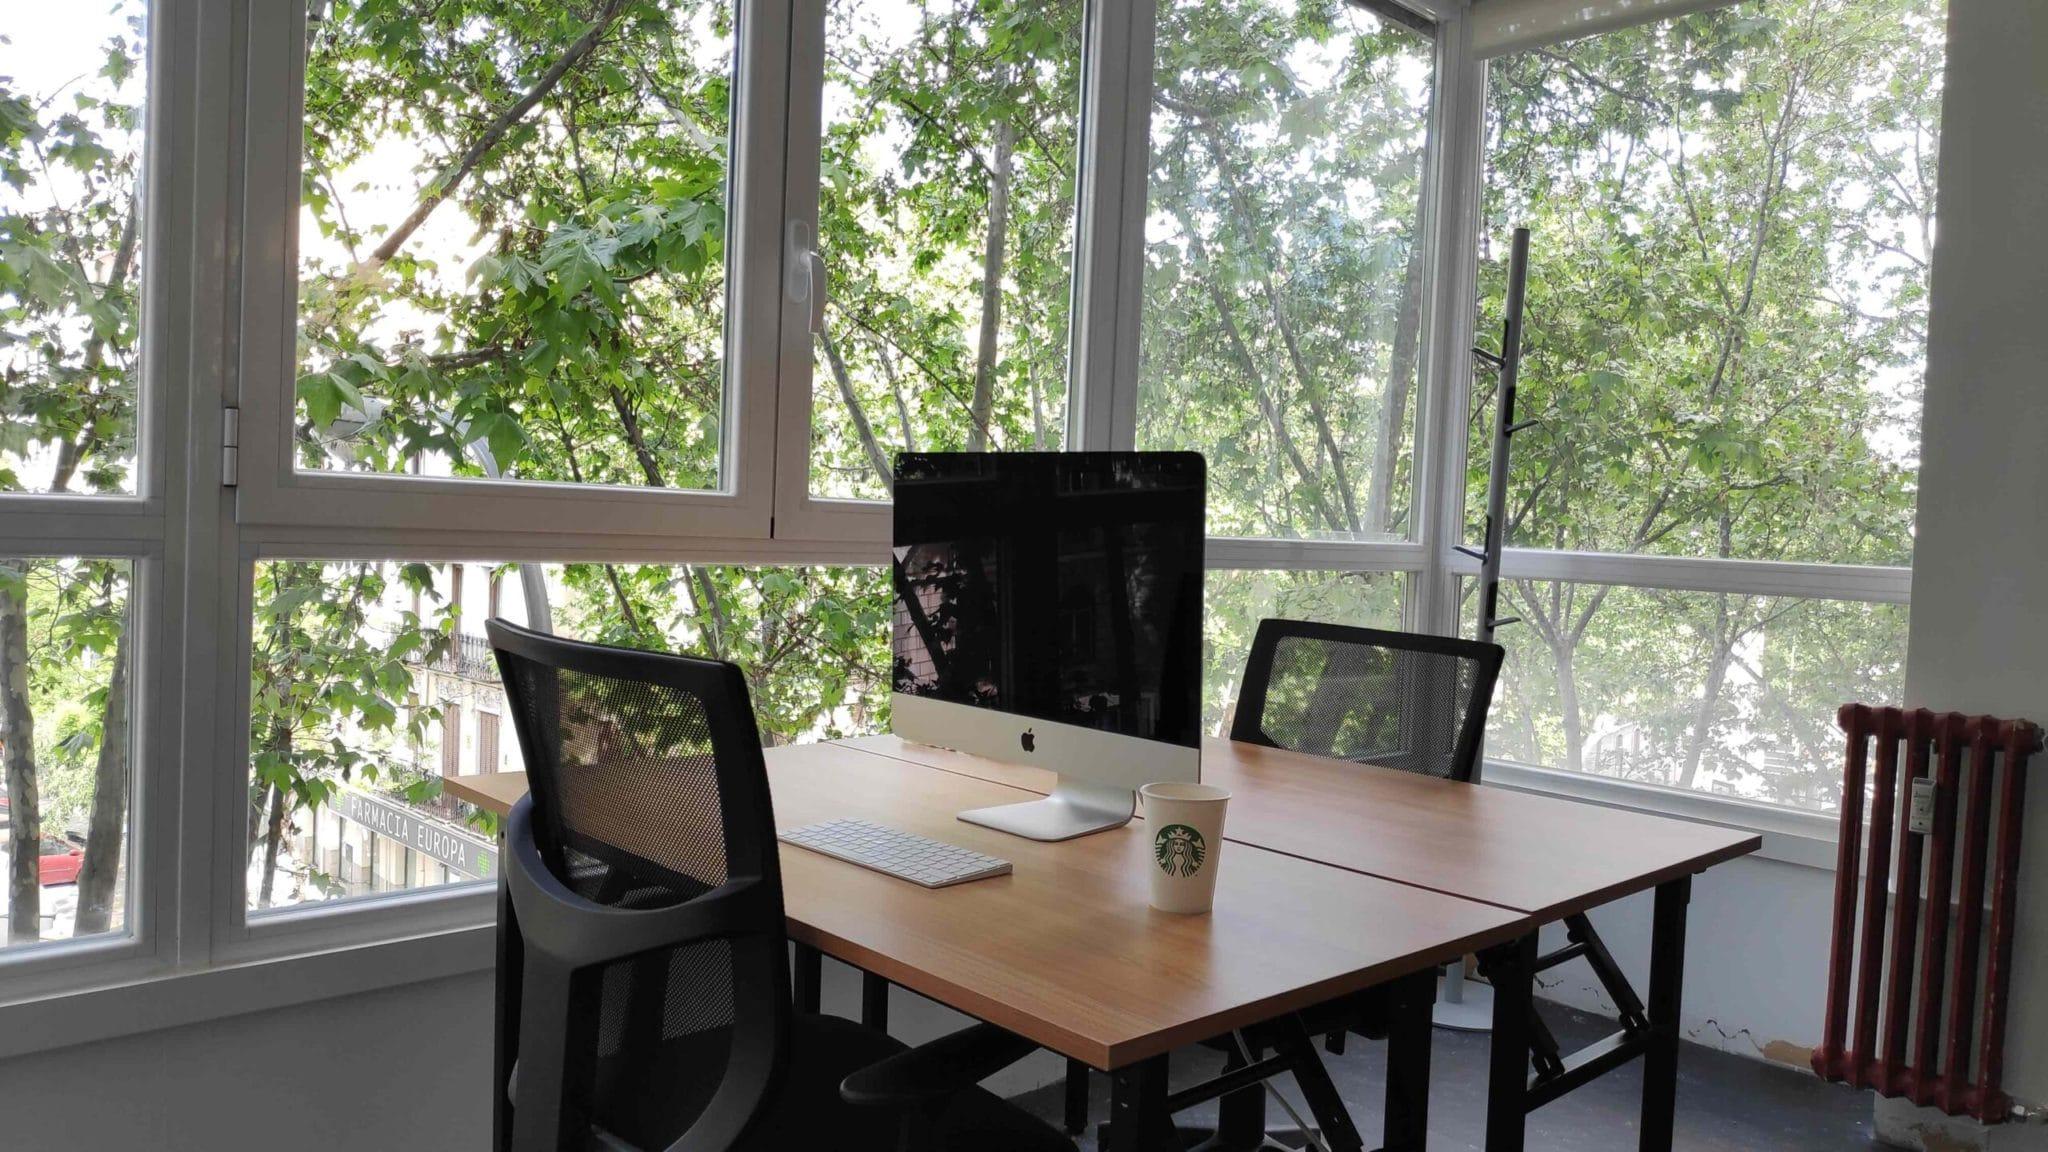 Teletrabajo, coworking, oficina